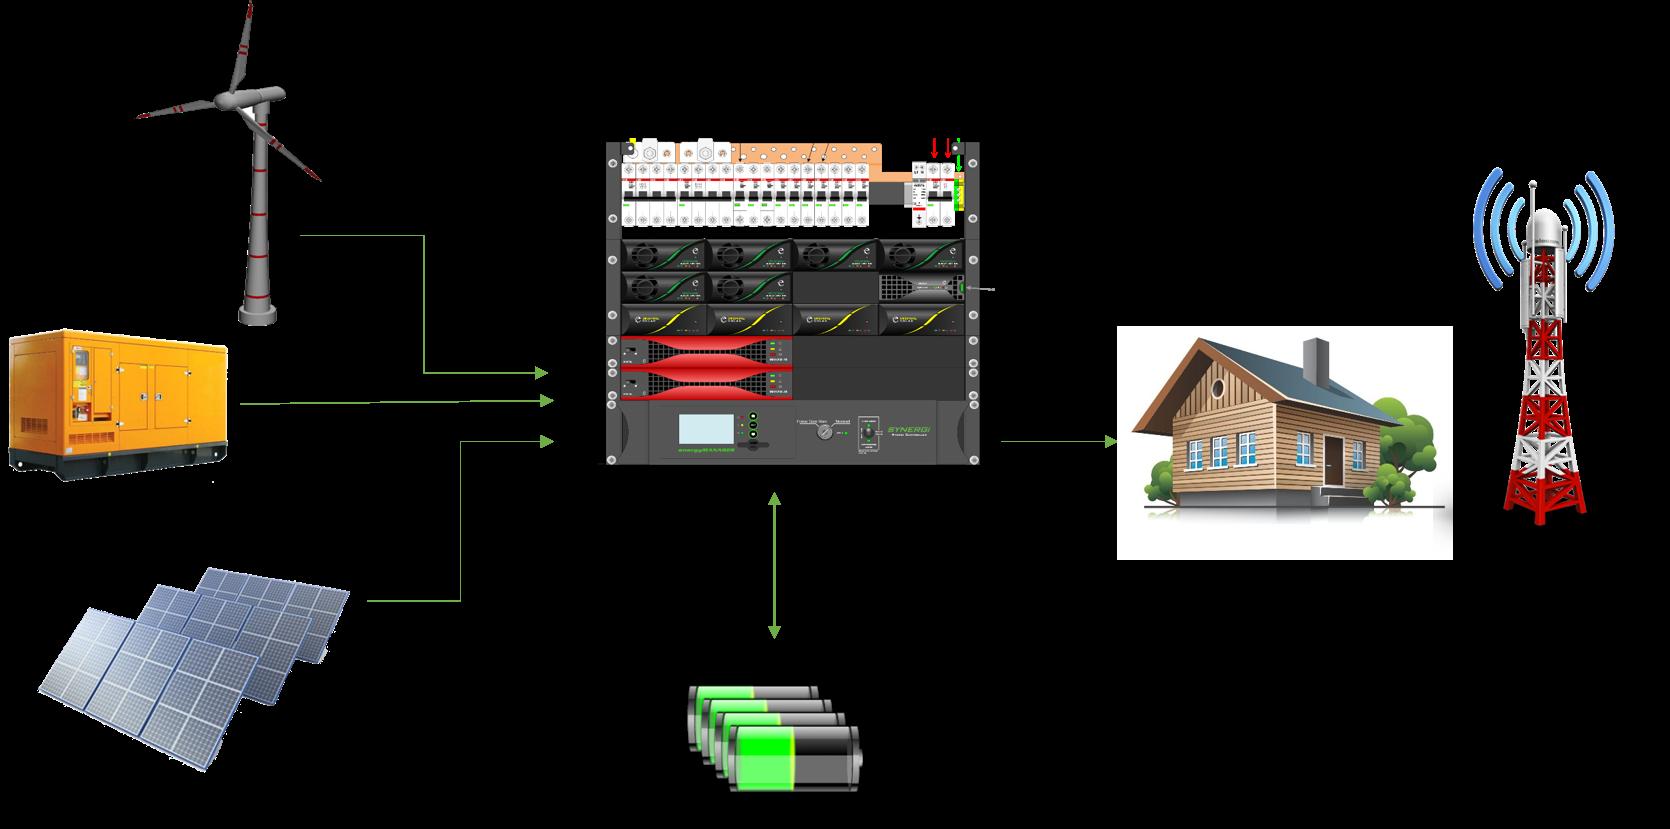 سیستم تغذیه هایبرید خورشیدی-دیزل